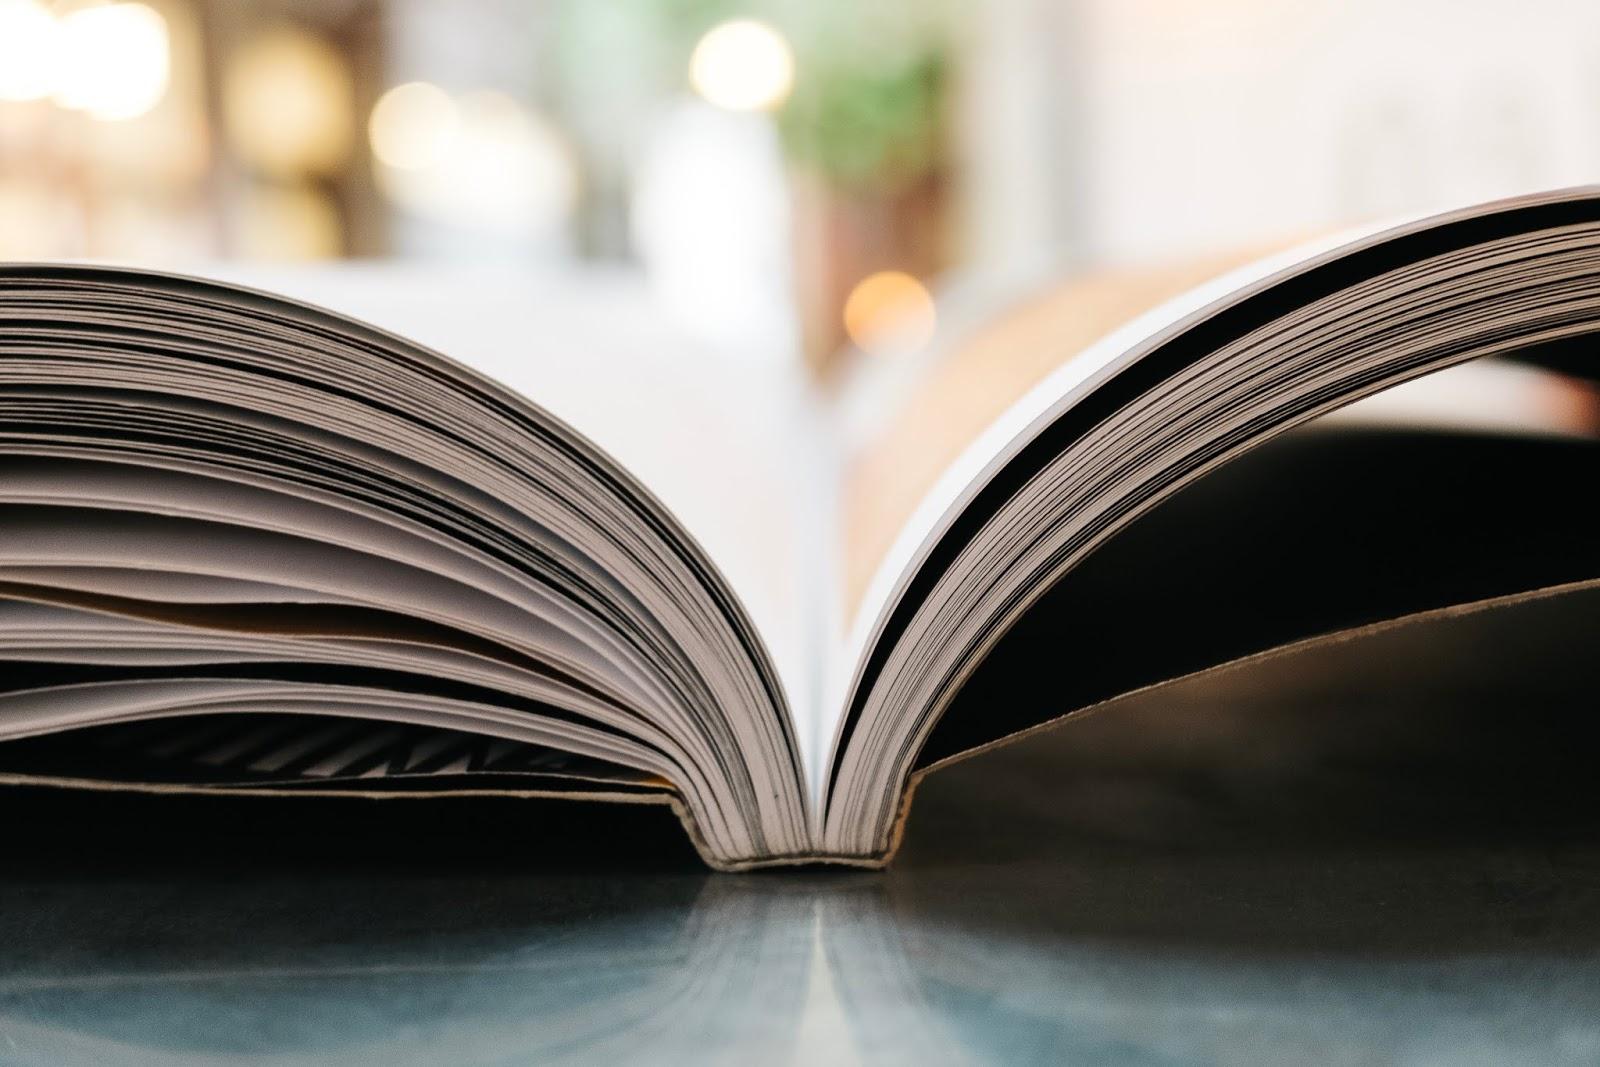 czuję się, czytam, pracuję, chciałabym, jestem wdzięczna, cieszę się, oglądam, czekam